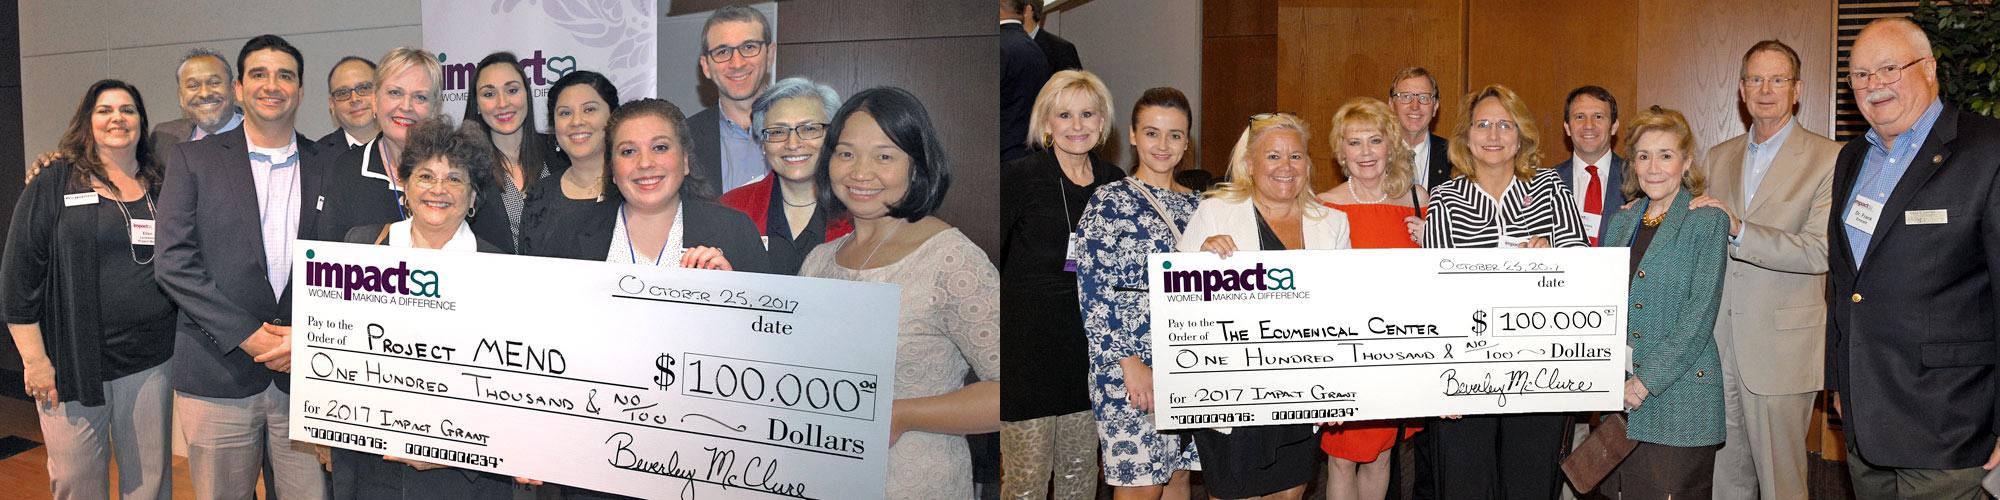 $100,000 Grant Recipients 2017